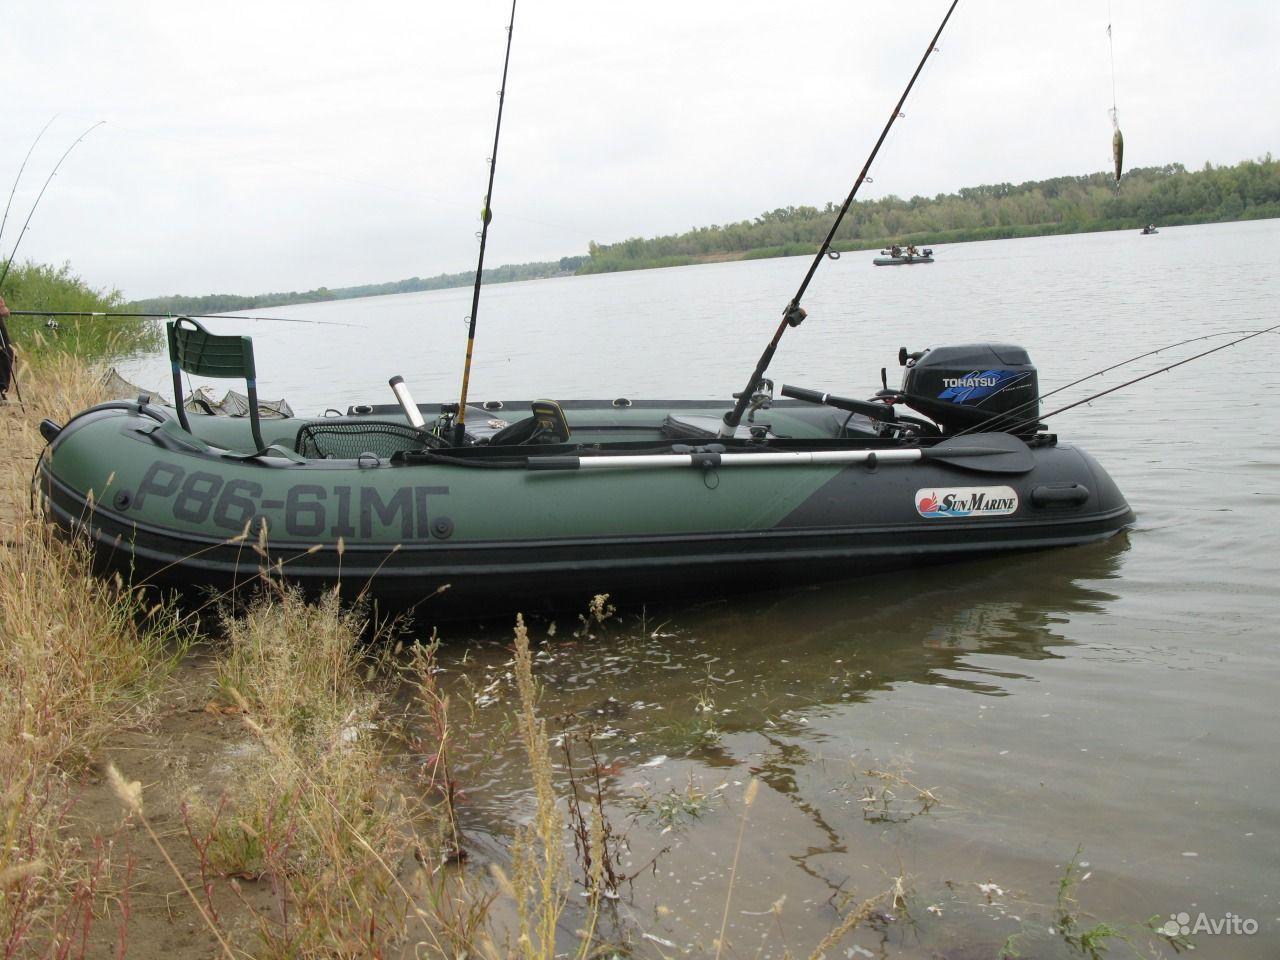 лодка санмарин 365 цена